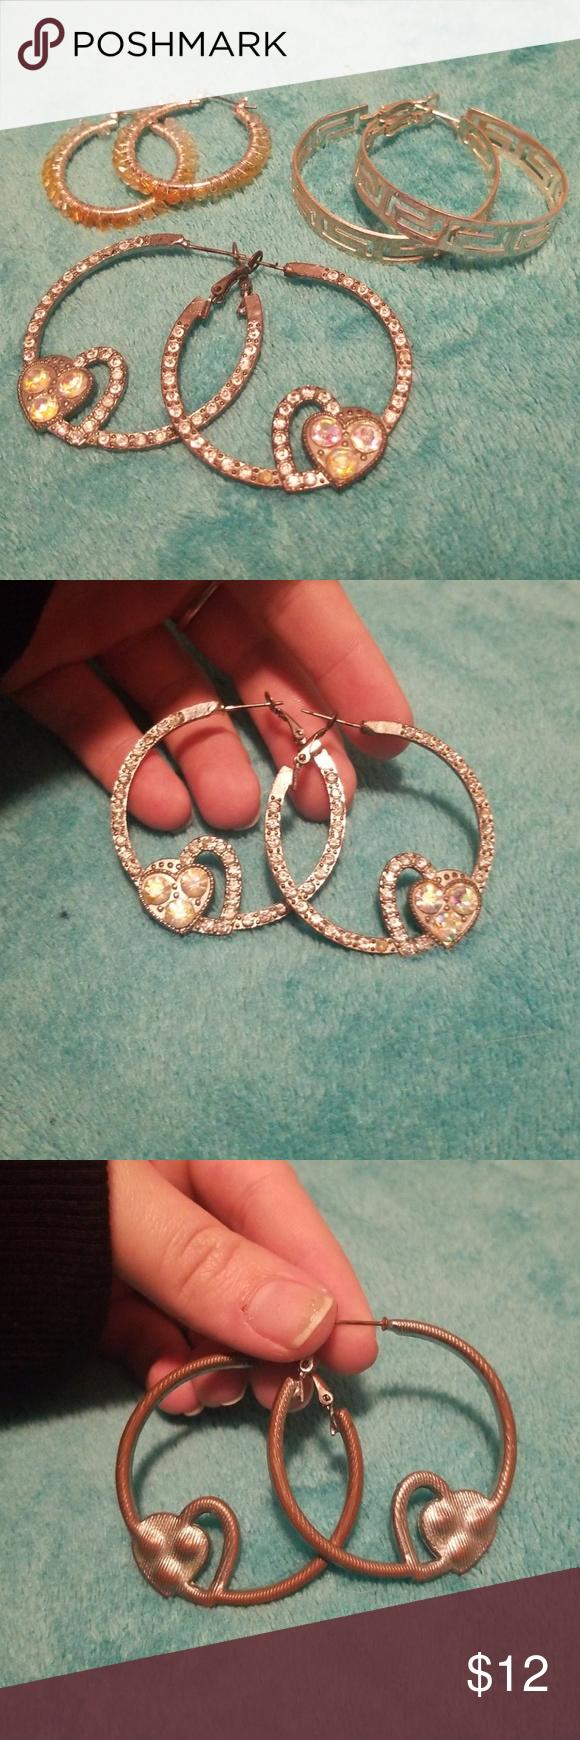 a766ff2aa Hoop Earring Bundle 3 pairs of hoop earrings, cute embellished heart rhinestone  hoops, yellow beaded hoops, and vintage maze hoops. Jewelry Earrings